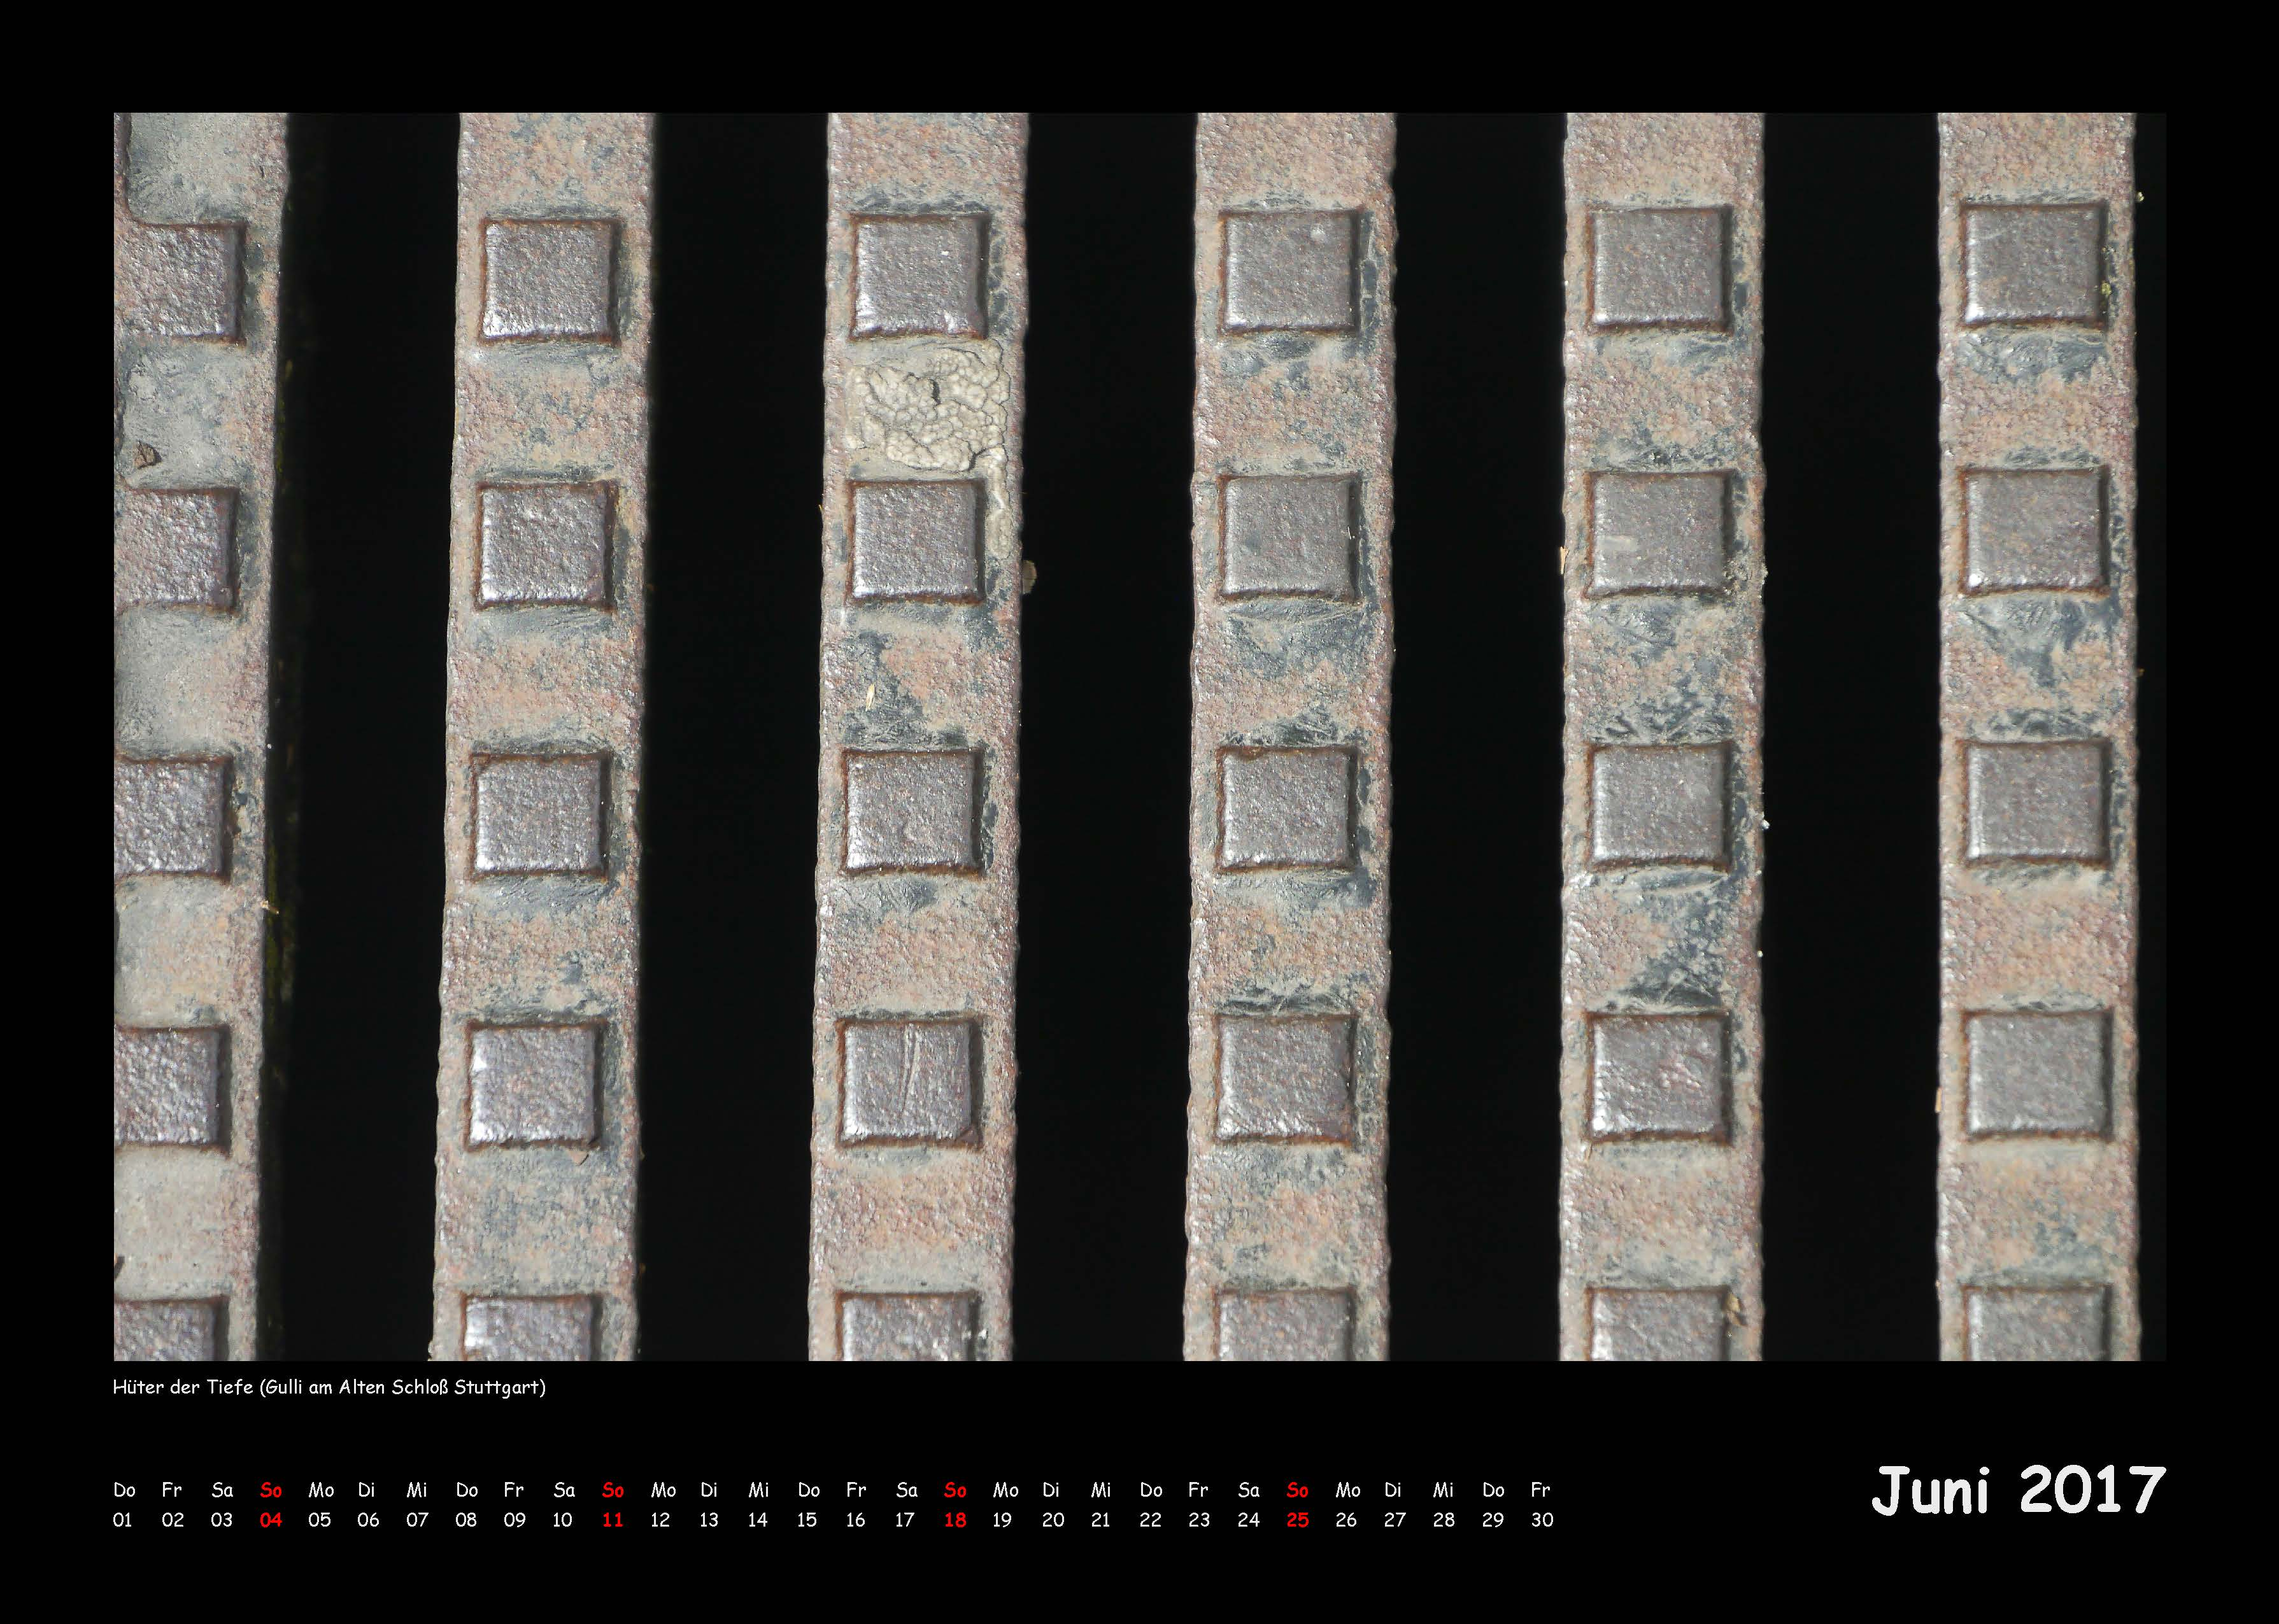 Kalender Außer der Reihe 2017 - Juni (c)decoDesign-peters